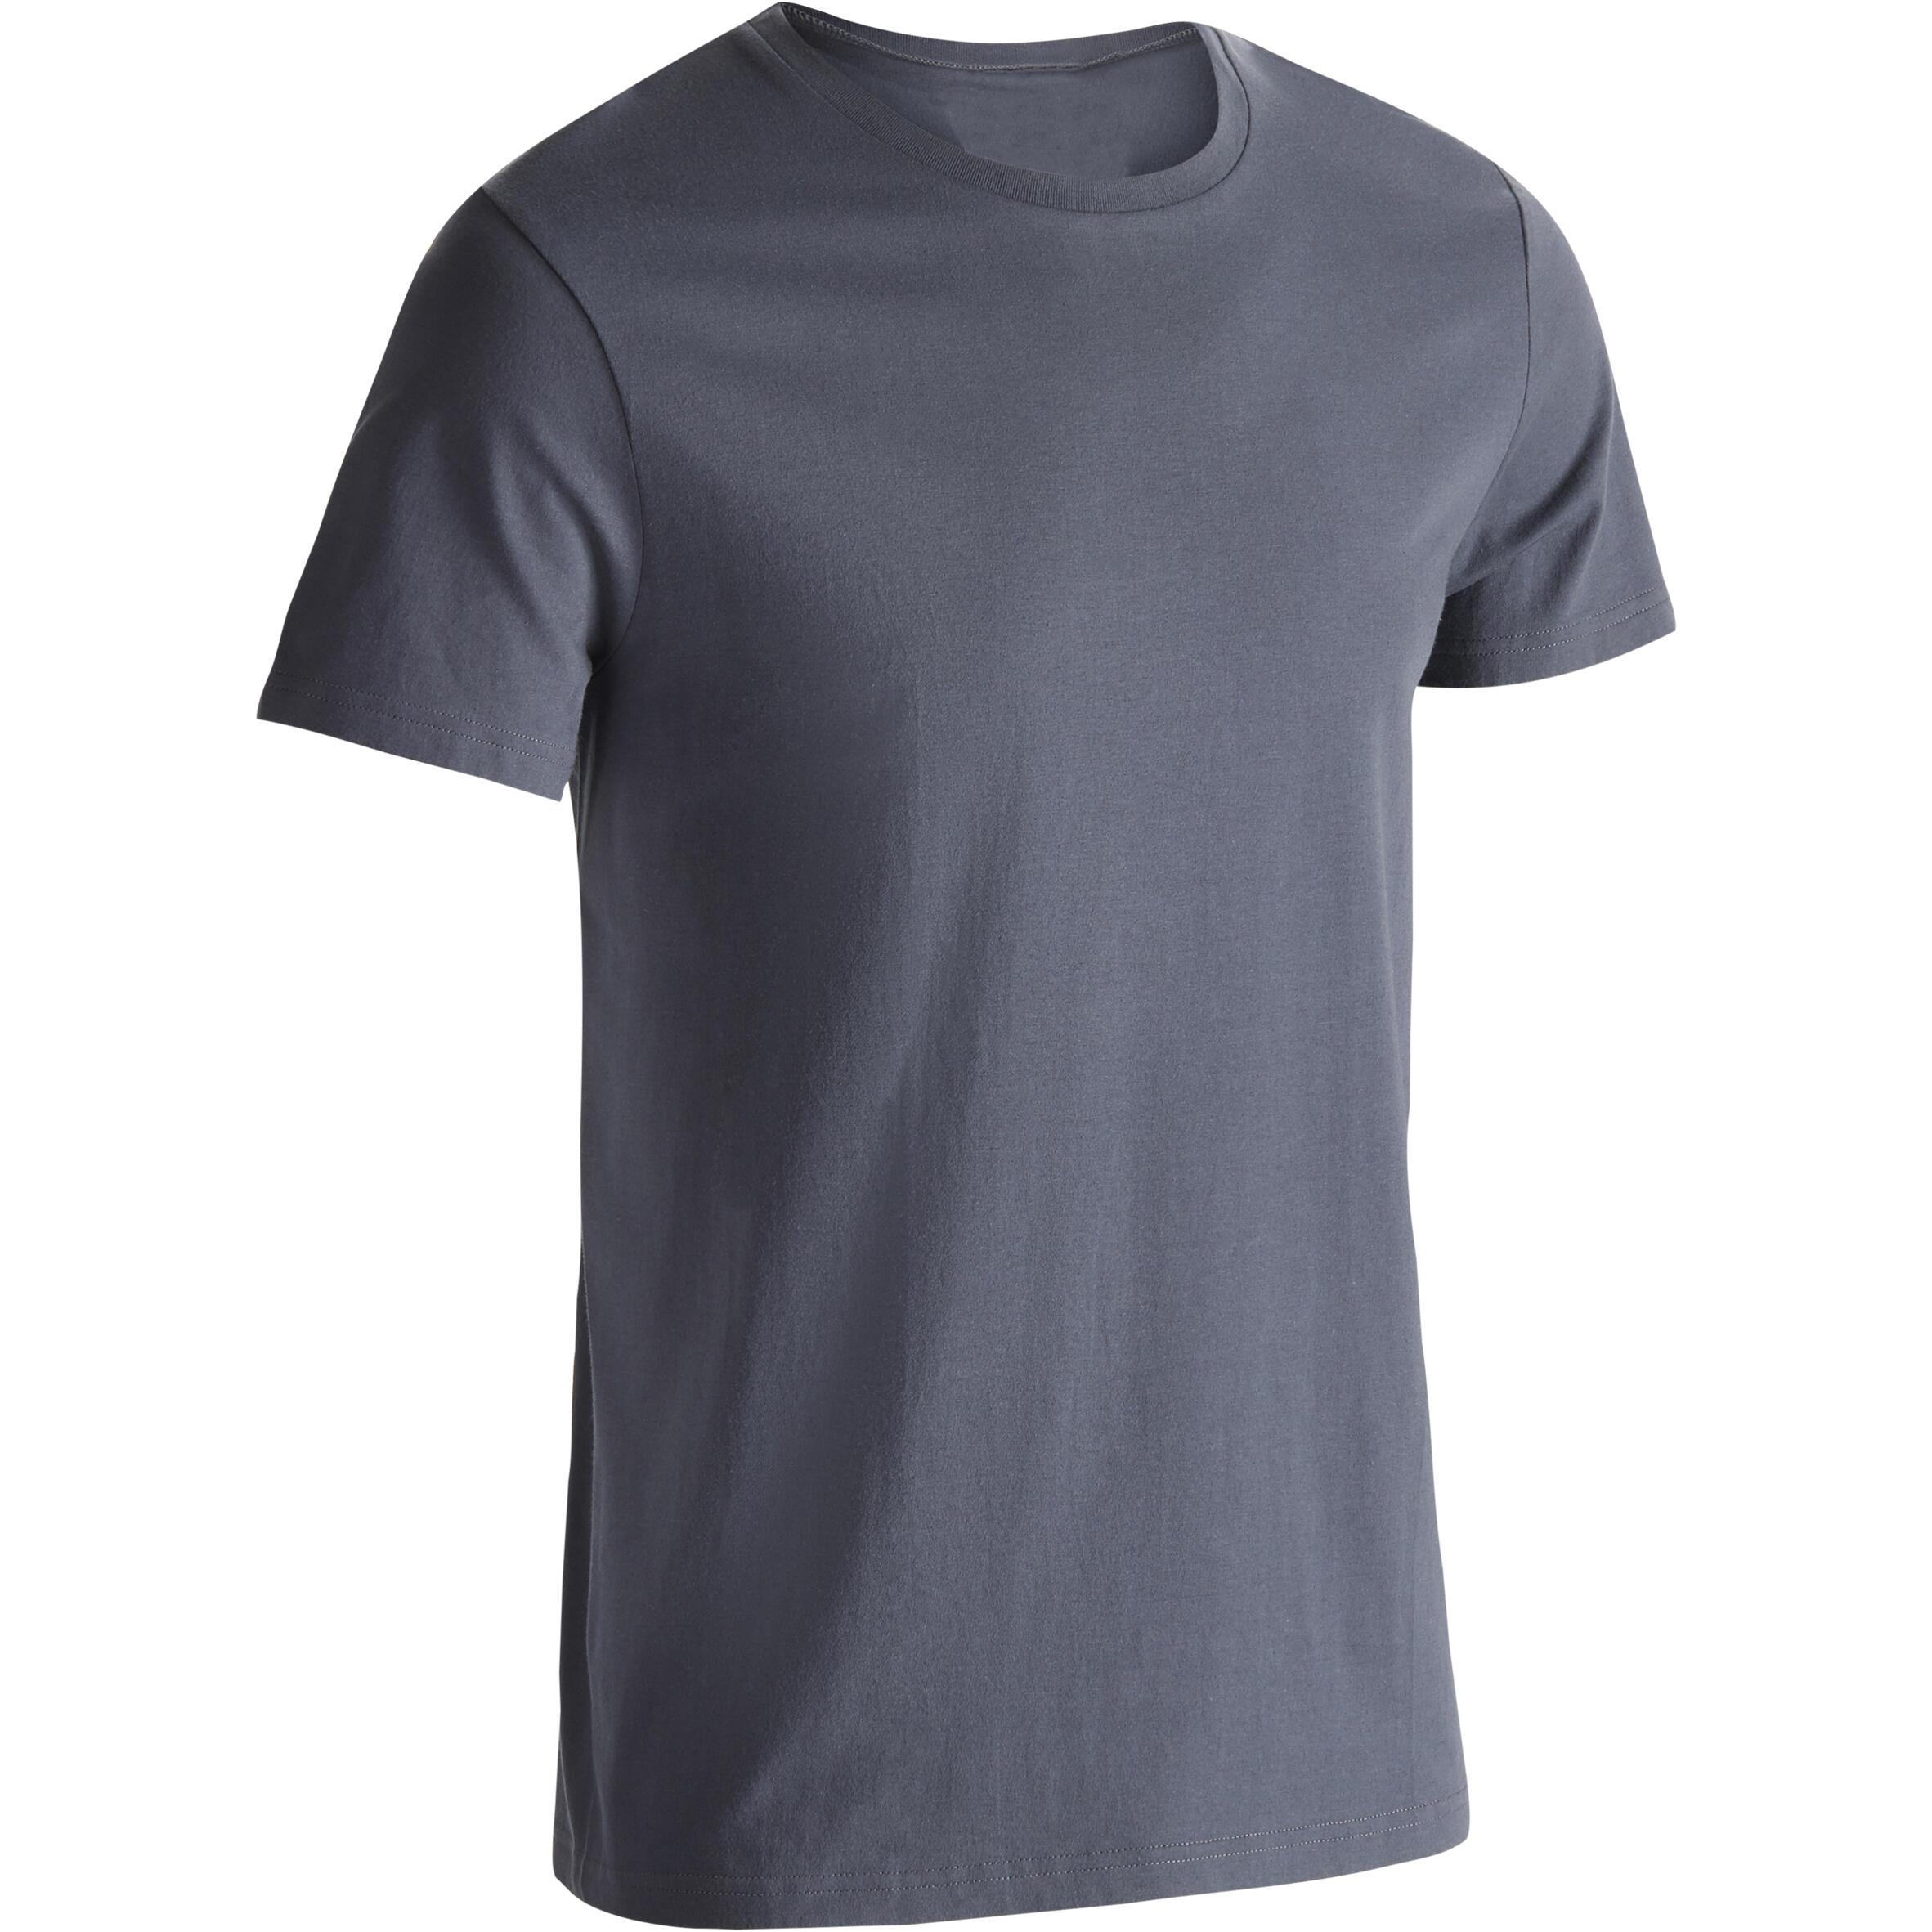 Domyos Heren T-shirt Sportee 100 voor gym en stretching regular fit grijs